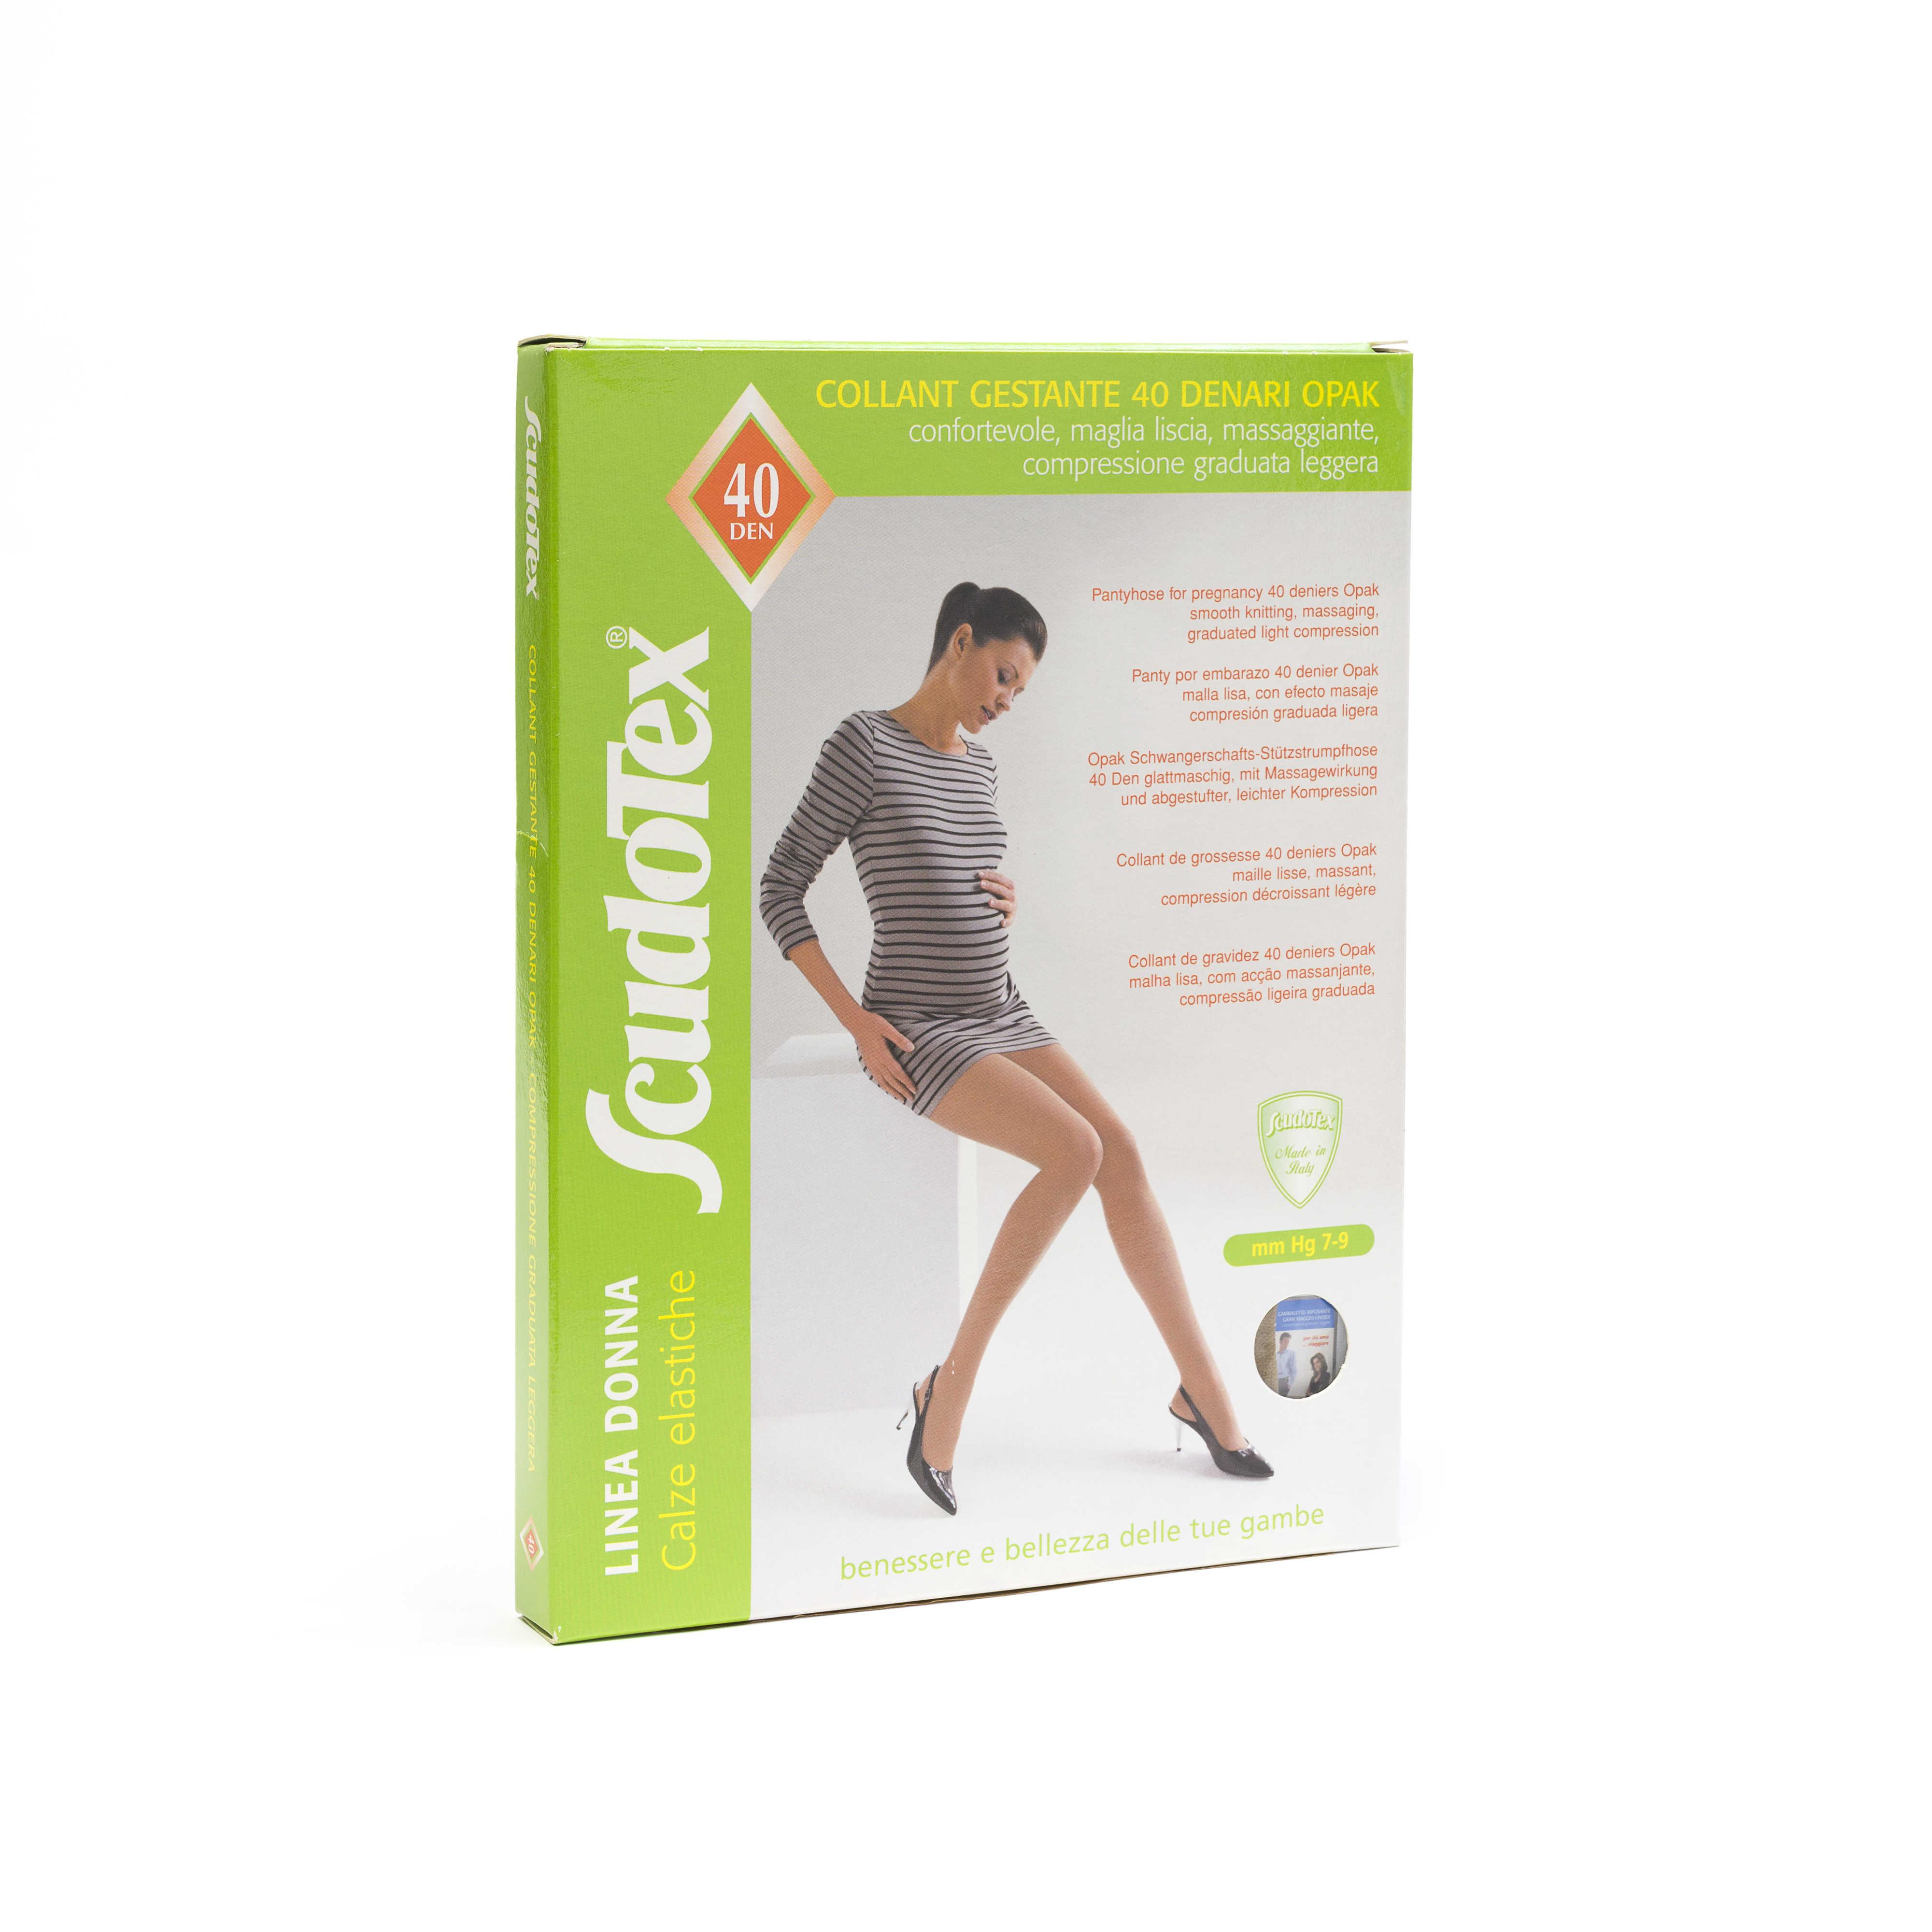 ciorapi pentru femeile însărcinate din revizuirile varicose